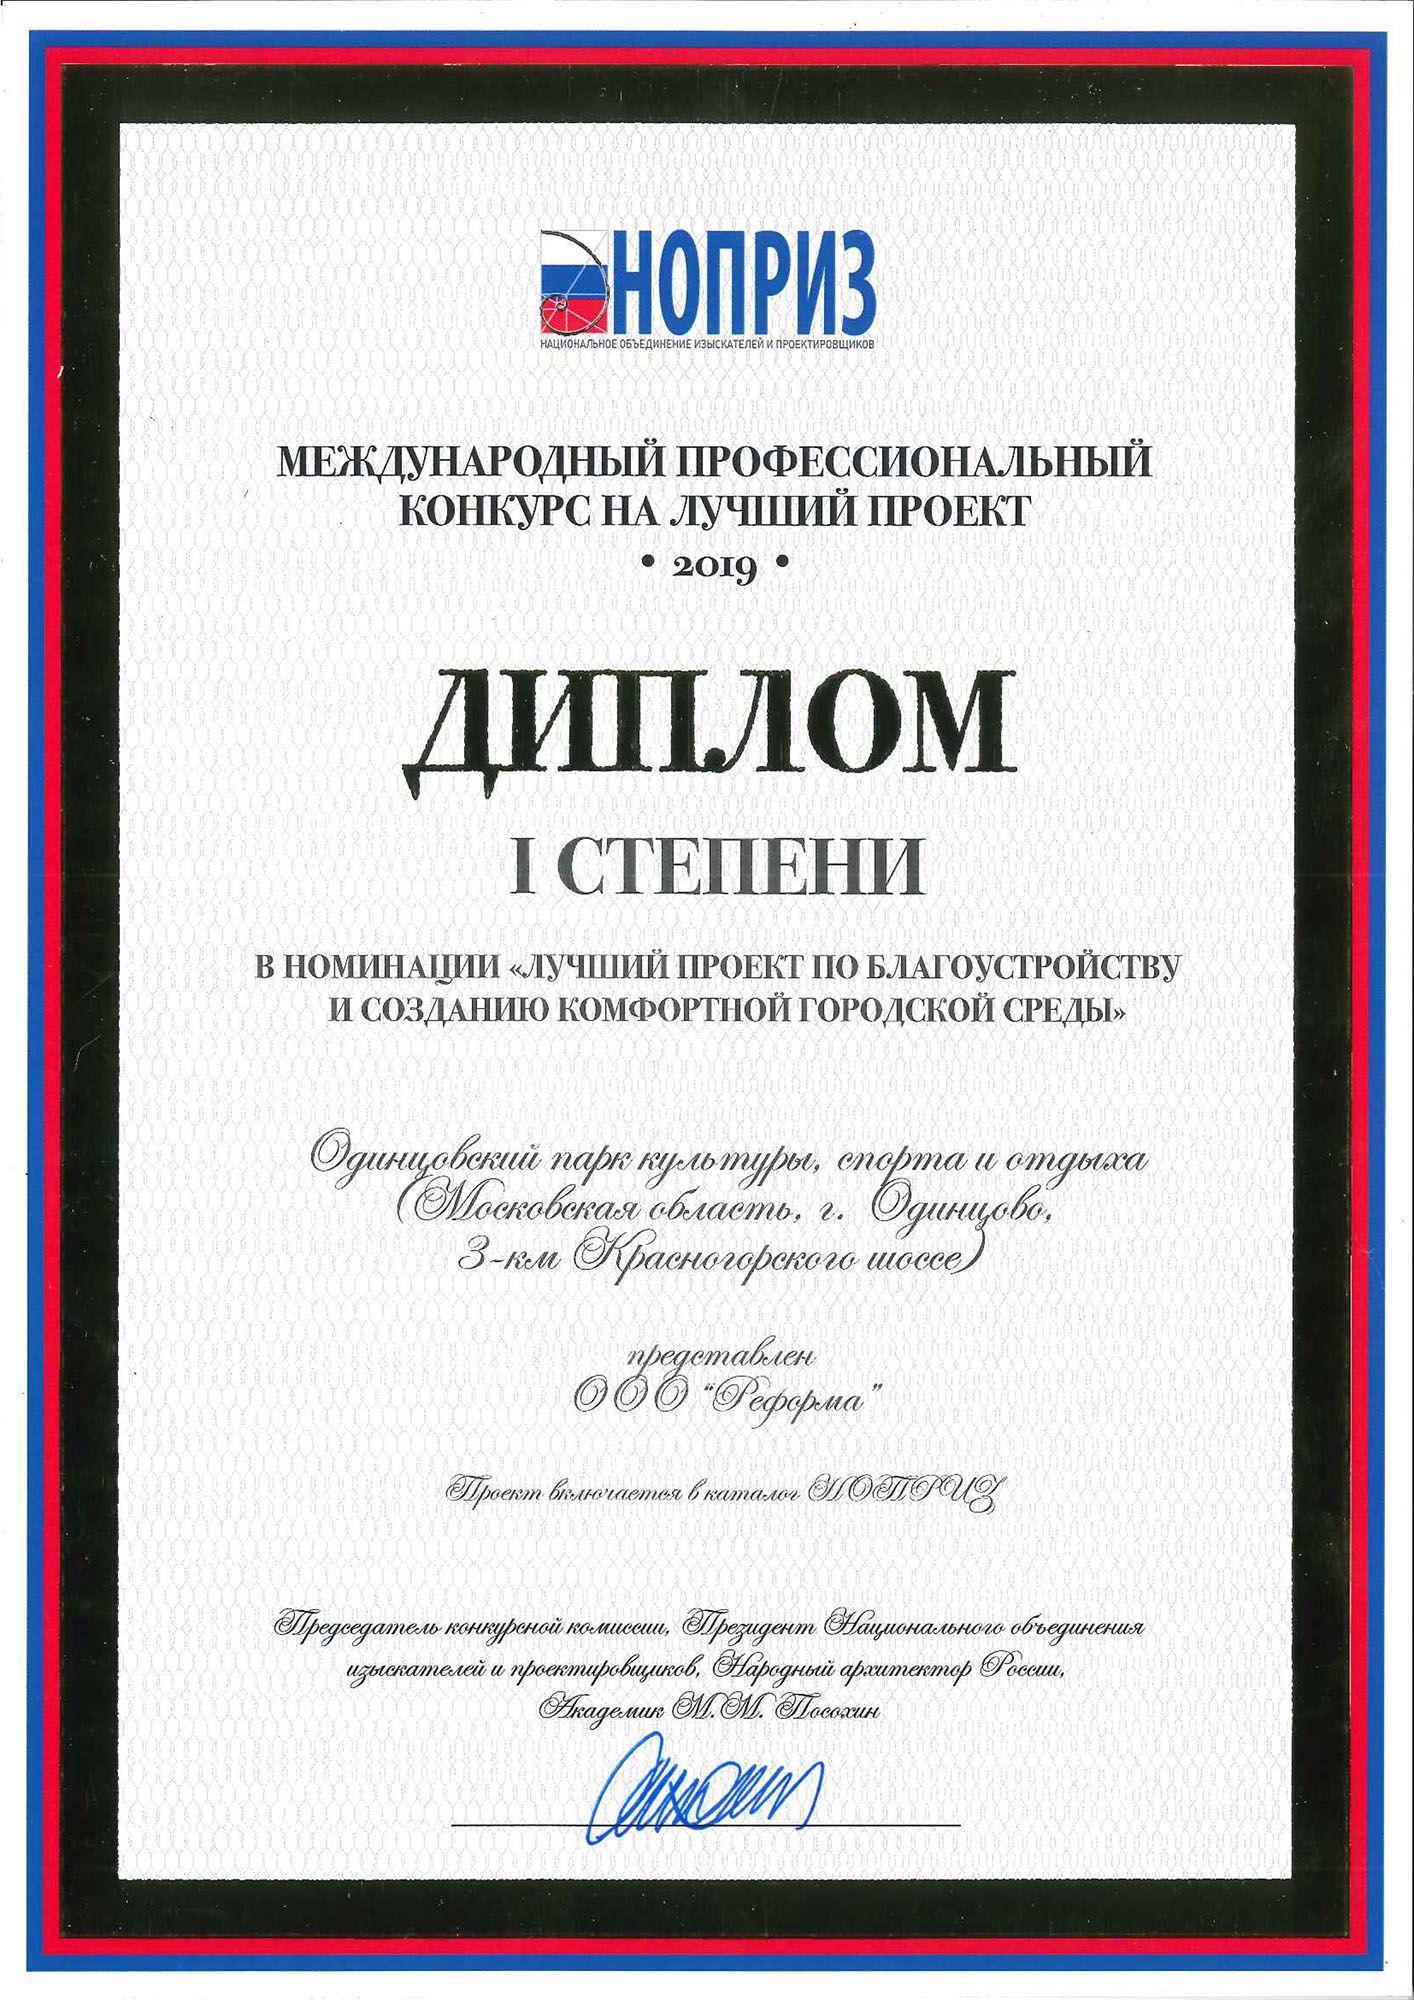 <a href='https://archreforma.ru/publikaciiinagrady/nopriz-2019-diplom/'>Посмотреть подробнее... 'НОПРИЗ 2019 Диплом</a>